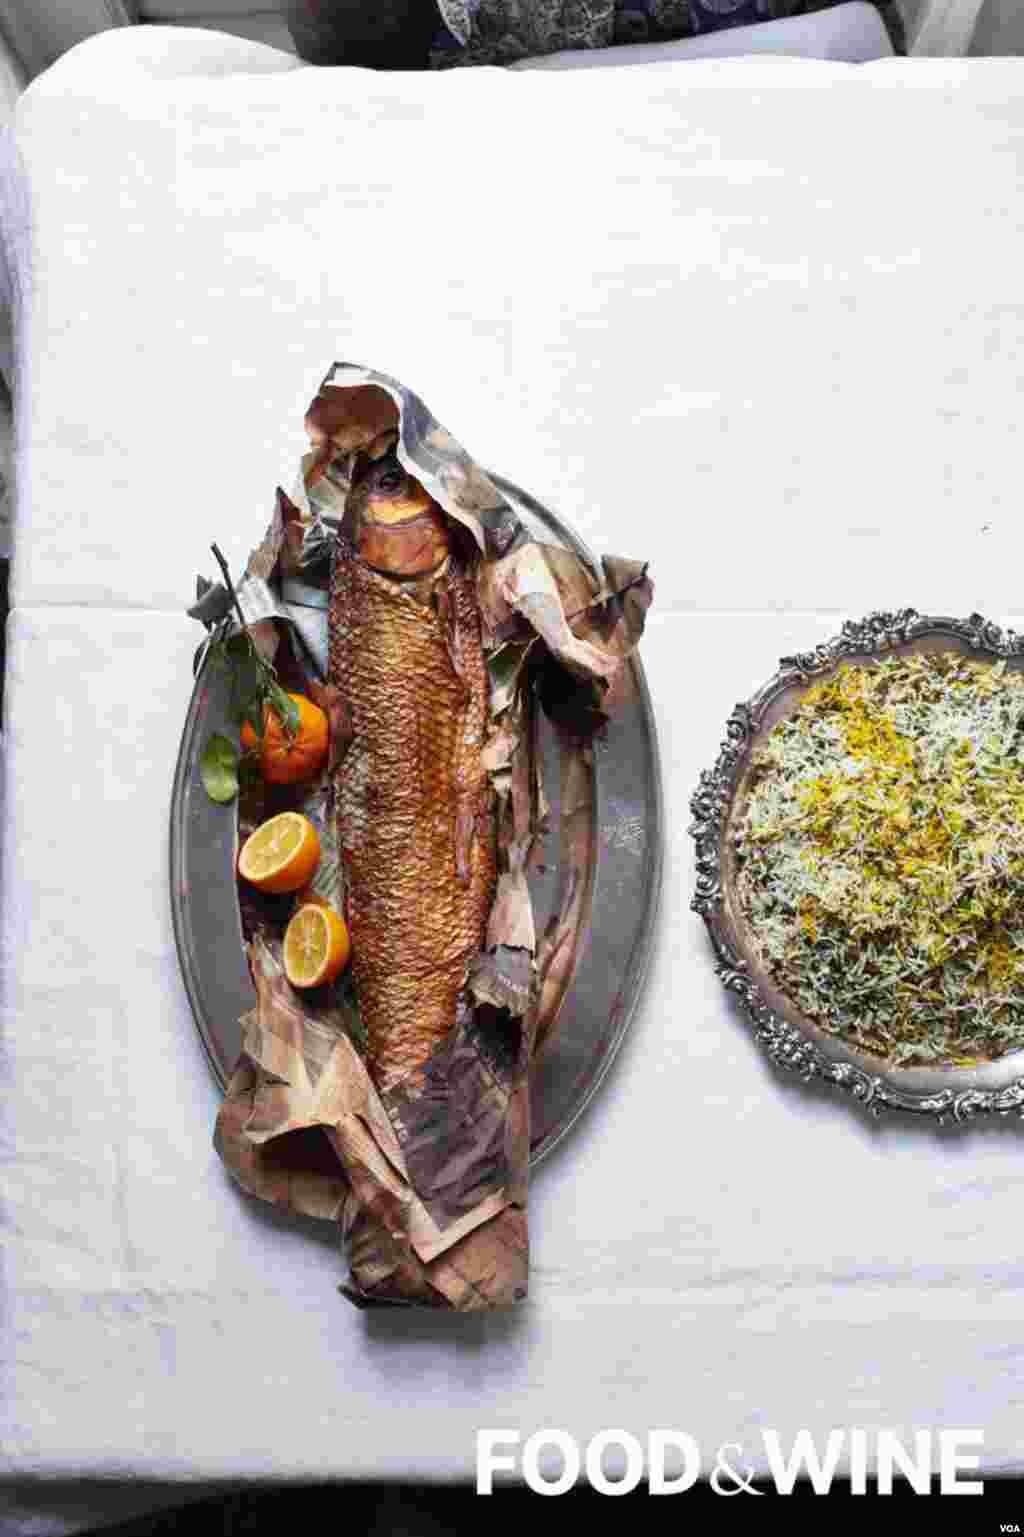 یک خوراک ماهی که عکس آن در نشریه غذا و شراب منتشر شده است.